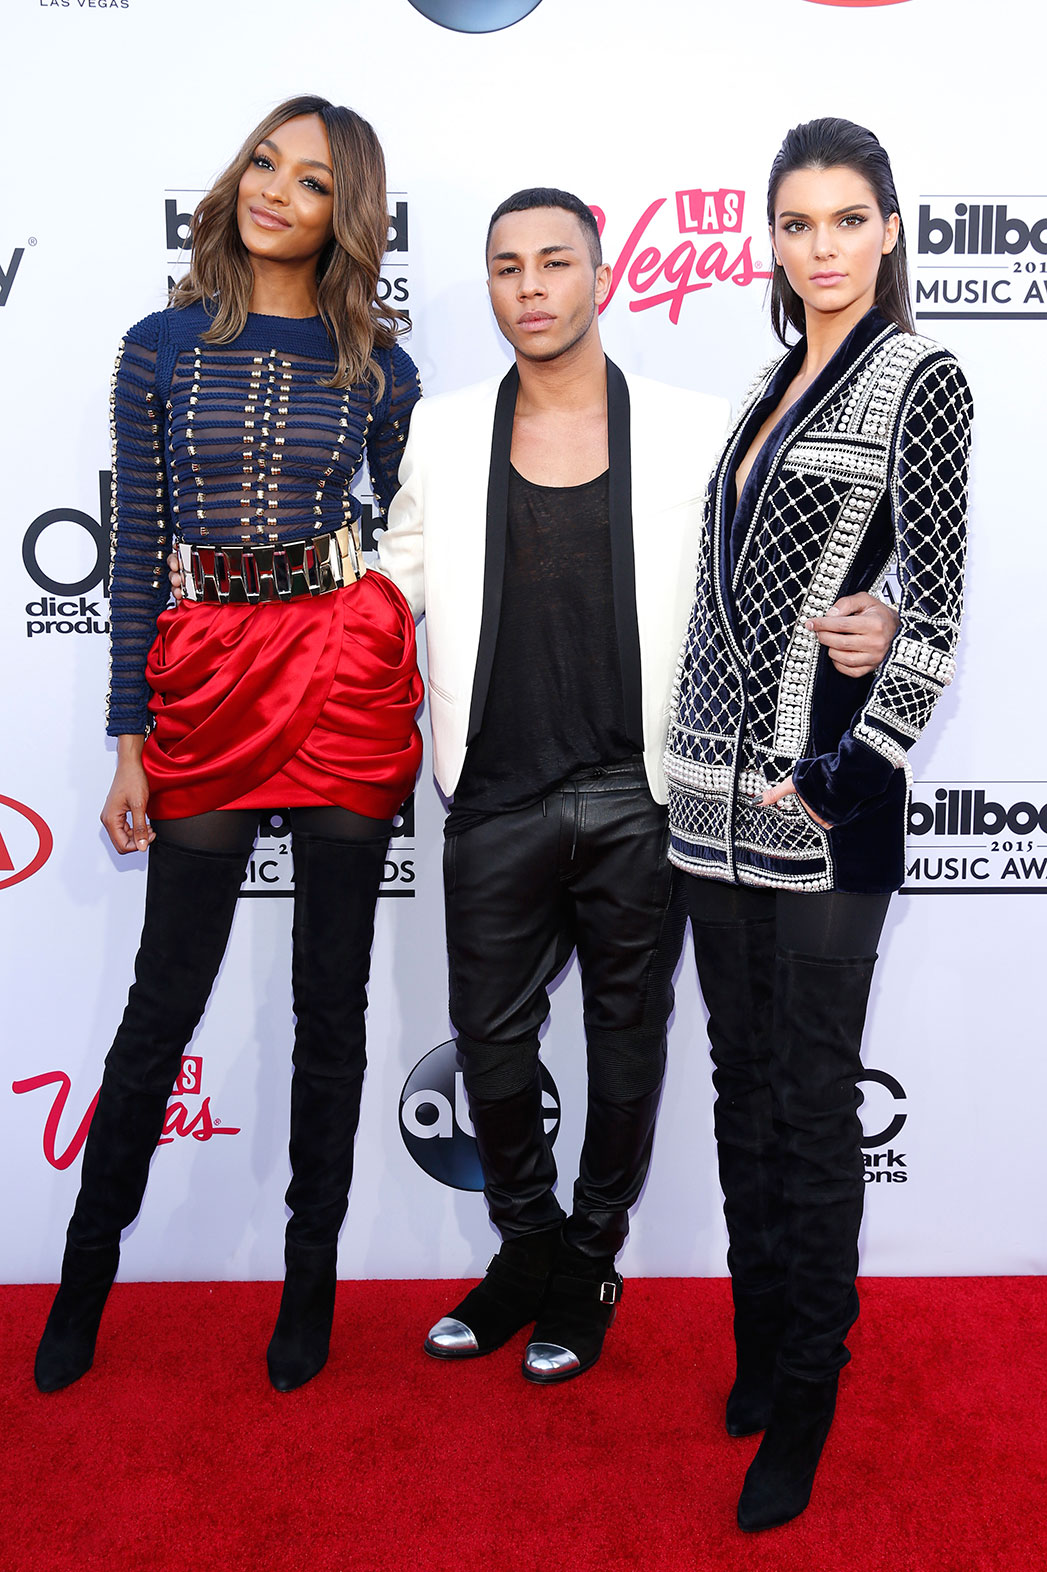 Jourdan Dunn, Olivier Rousteing, Kendall Jenner BBMAs - P 2015